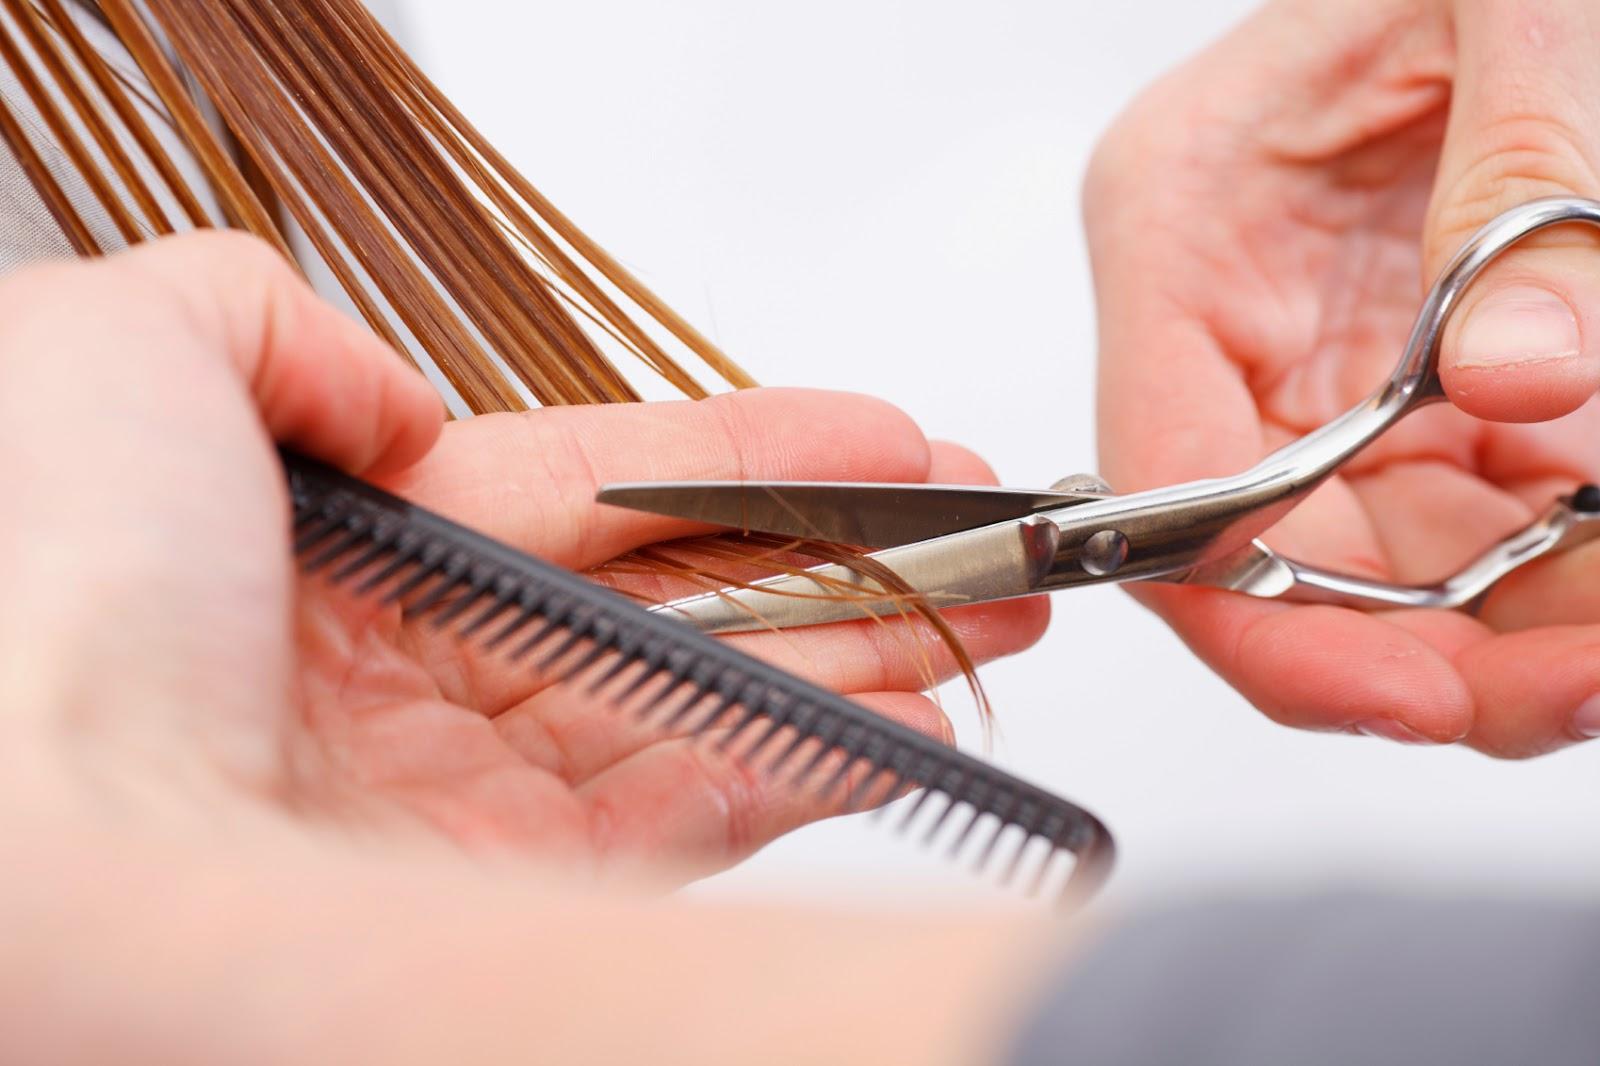 Rambut Dan Kuku Yang Putus Saat Haidh Harus Diikutkan Mandi Besar Gunting